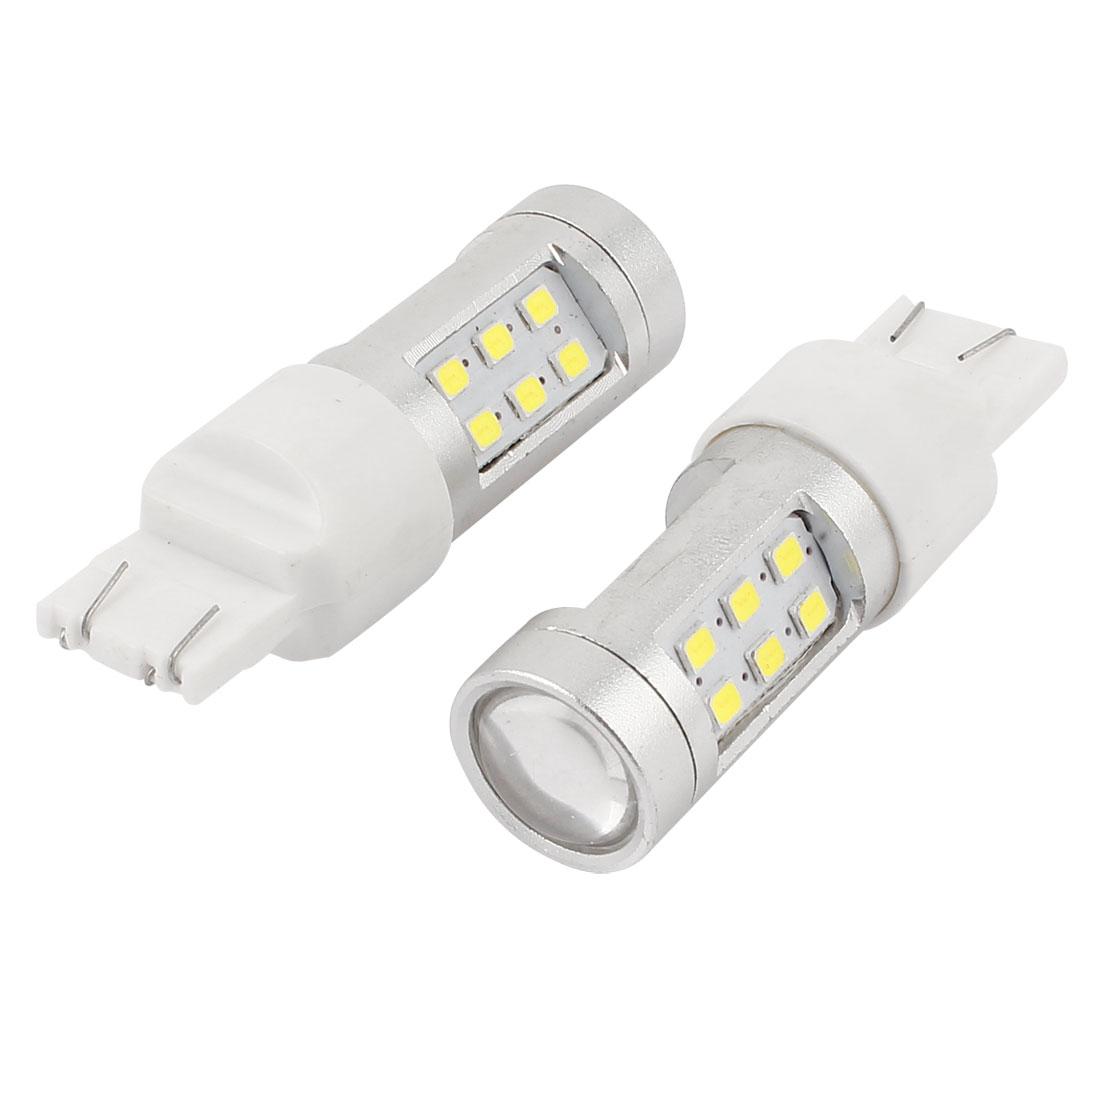 2 Pcs 7443 T20 21 1210 SMD LED Marker Corner Light Signal Lamp White for Car